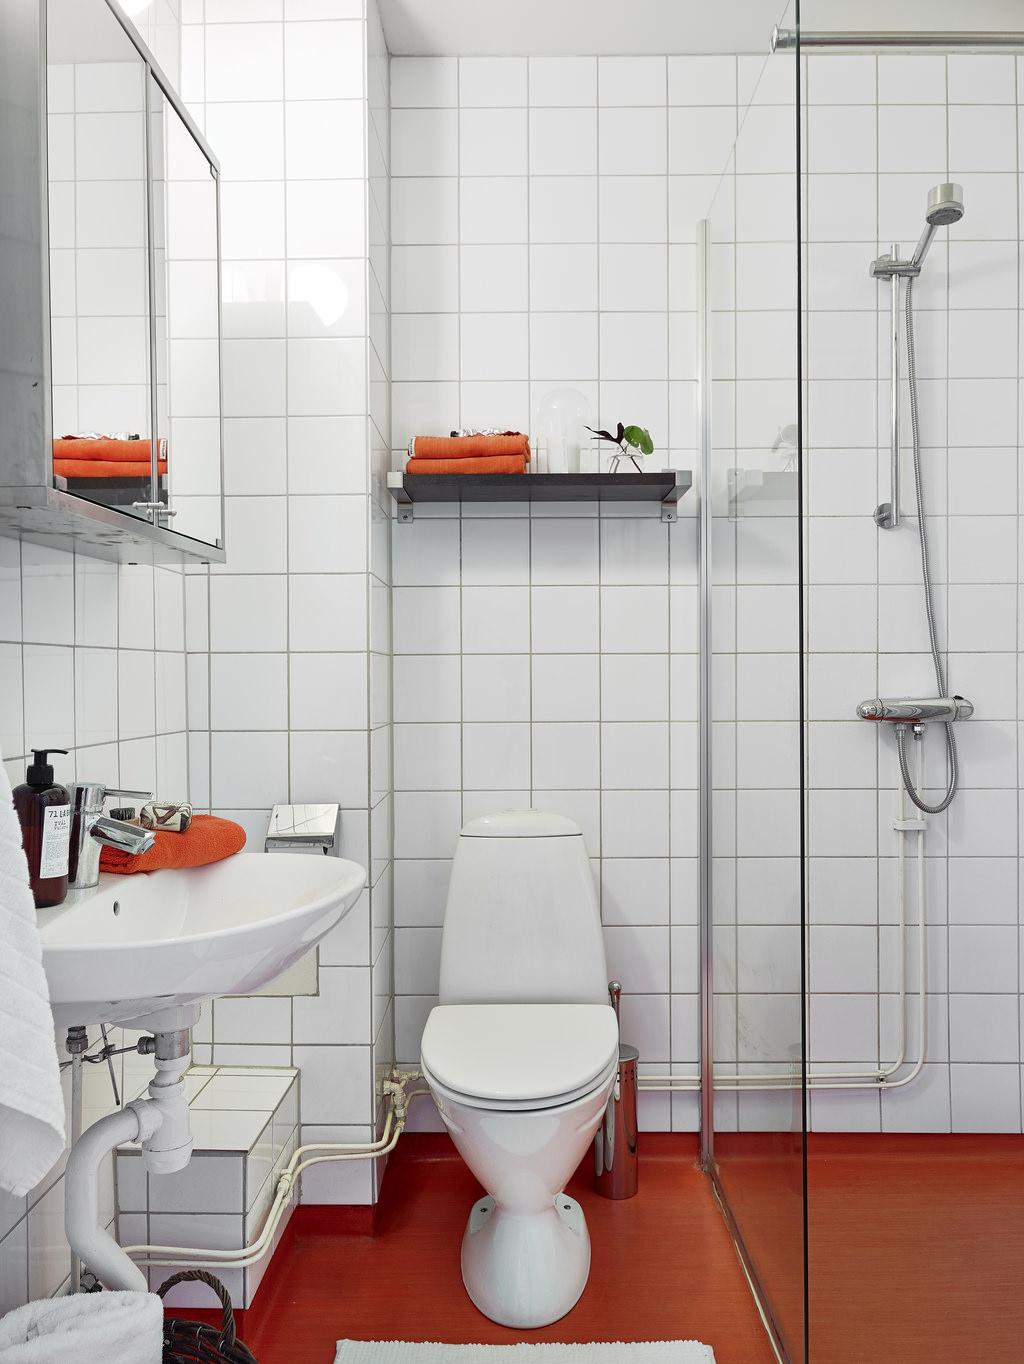 Оранжевые аксессуары и пол в белой ванной